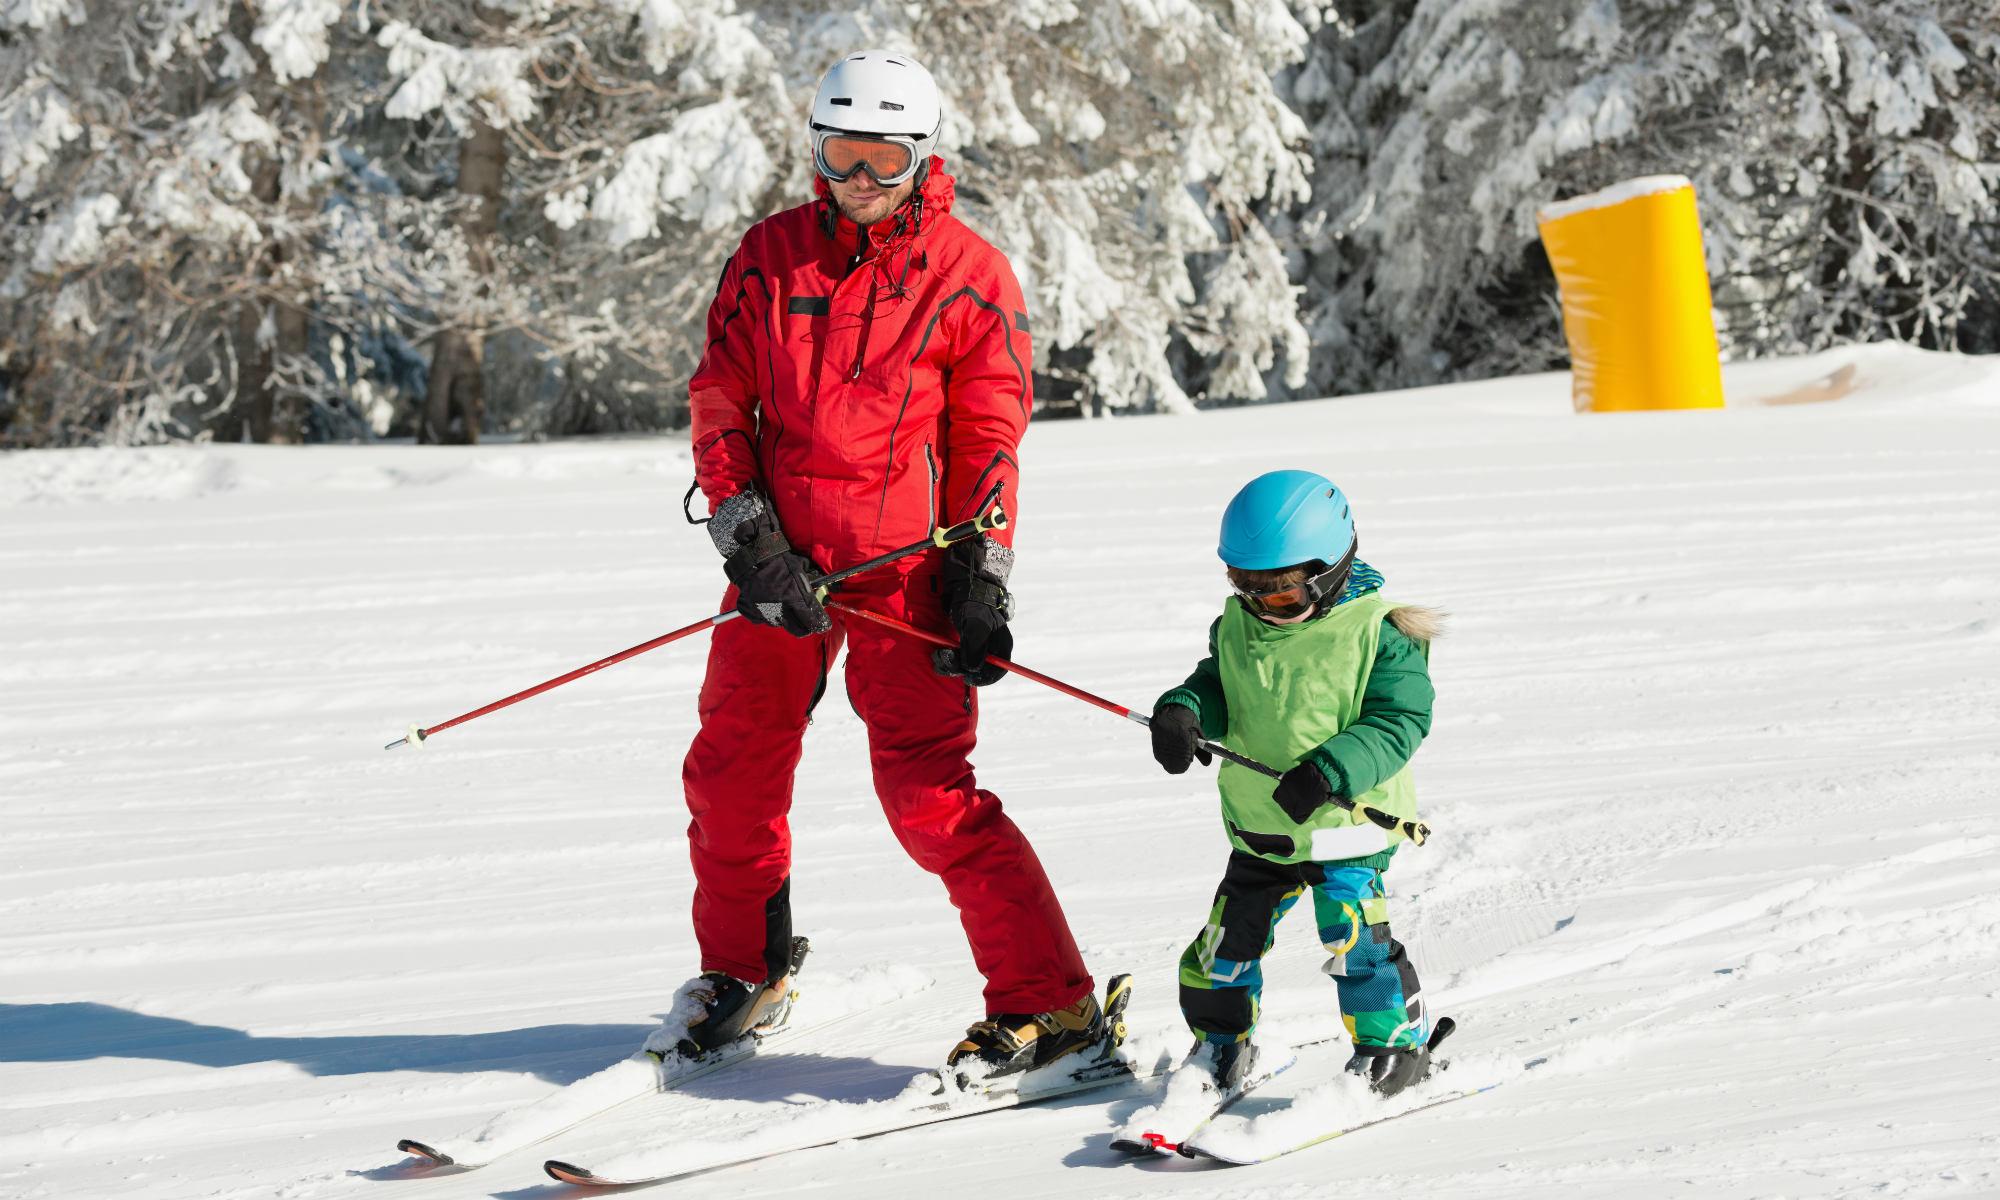 Ein Skilehrer übt das Skifahren mit einem Kind im Rahmen eines privaten Skikurses.